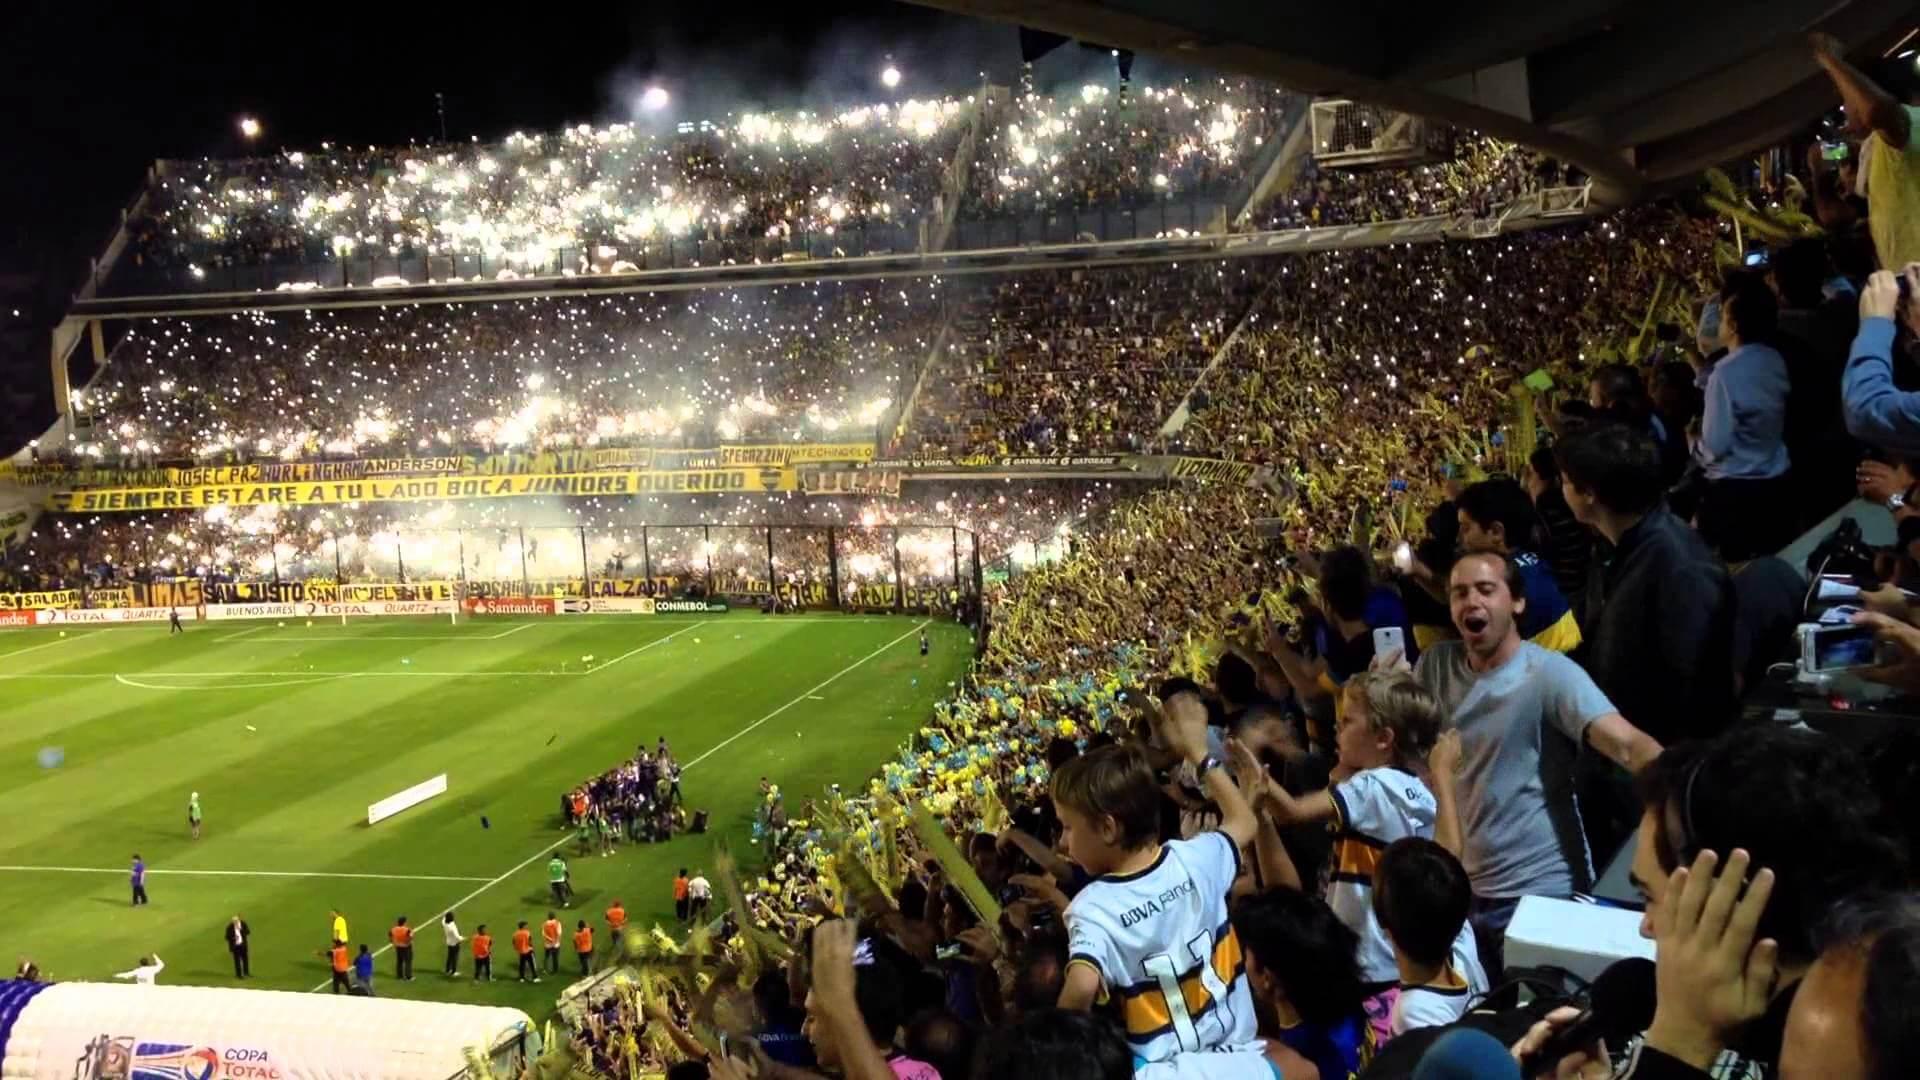 Esportes famosos na argentina listamos 6 for Puerta 2 cancha de boca